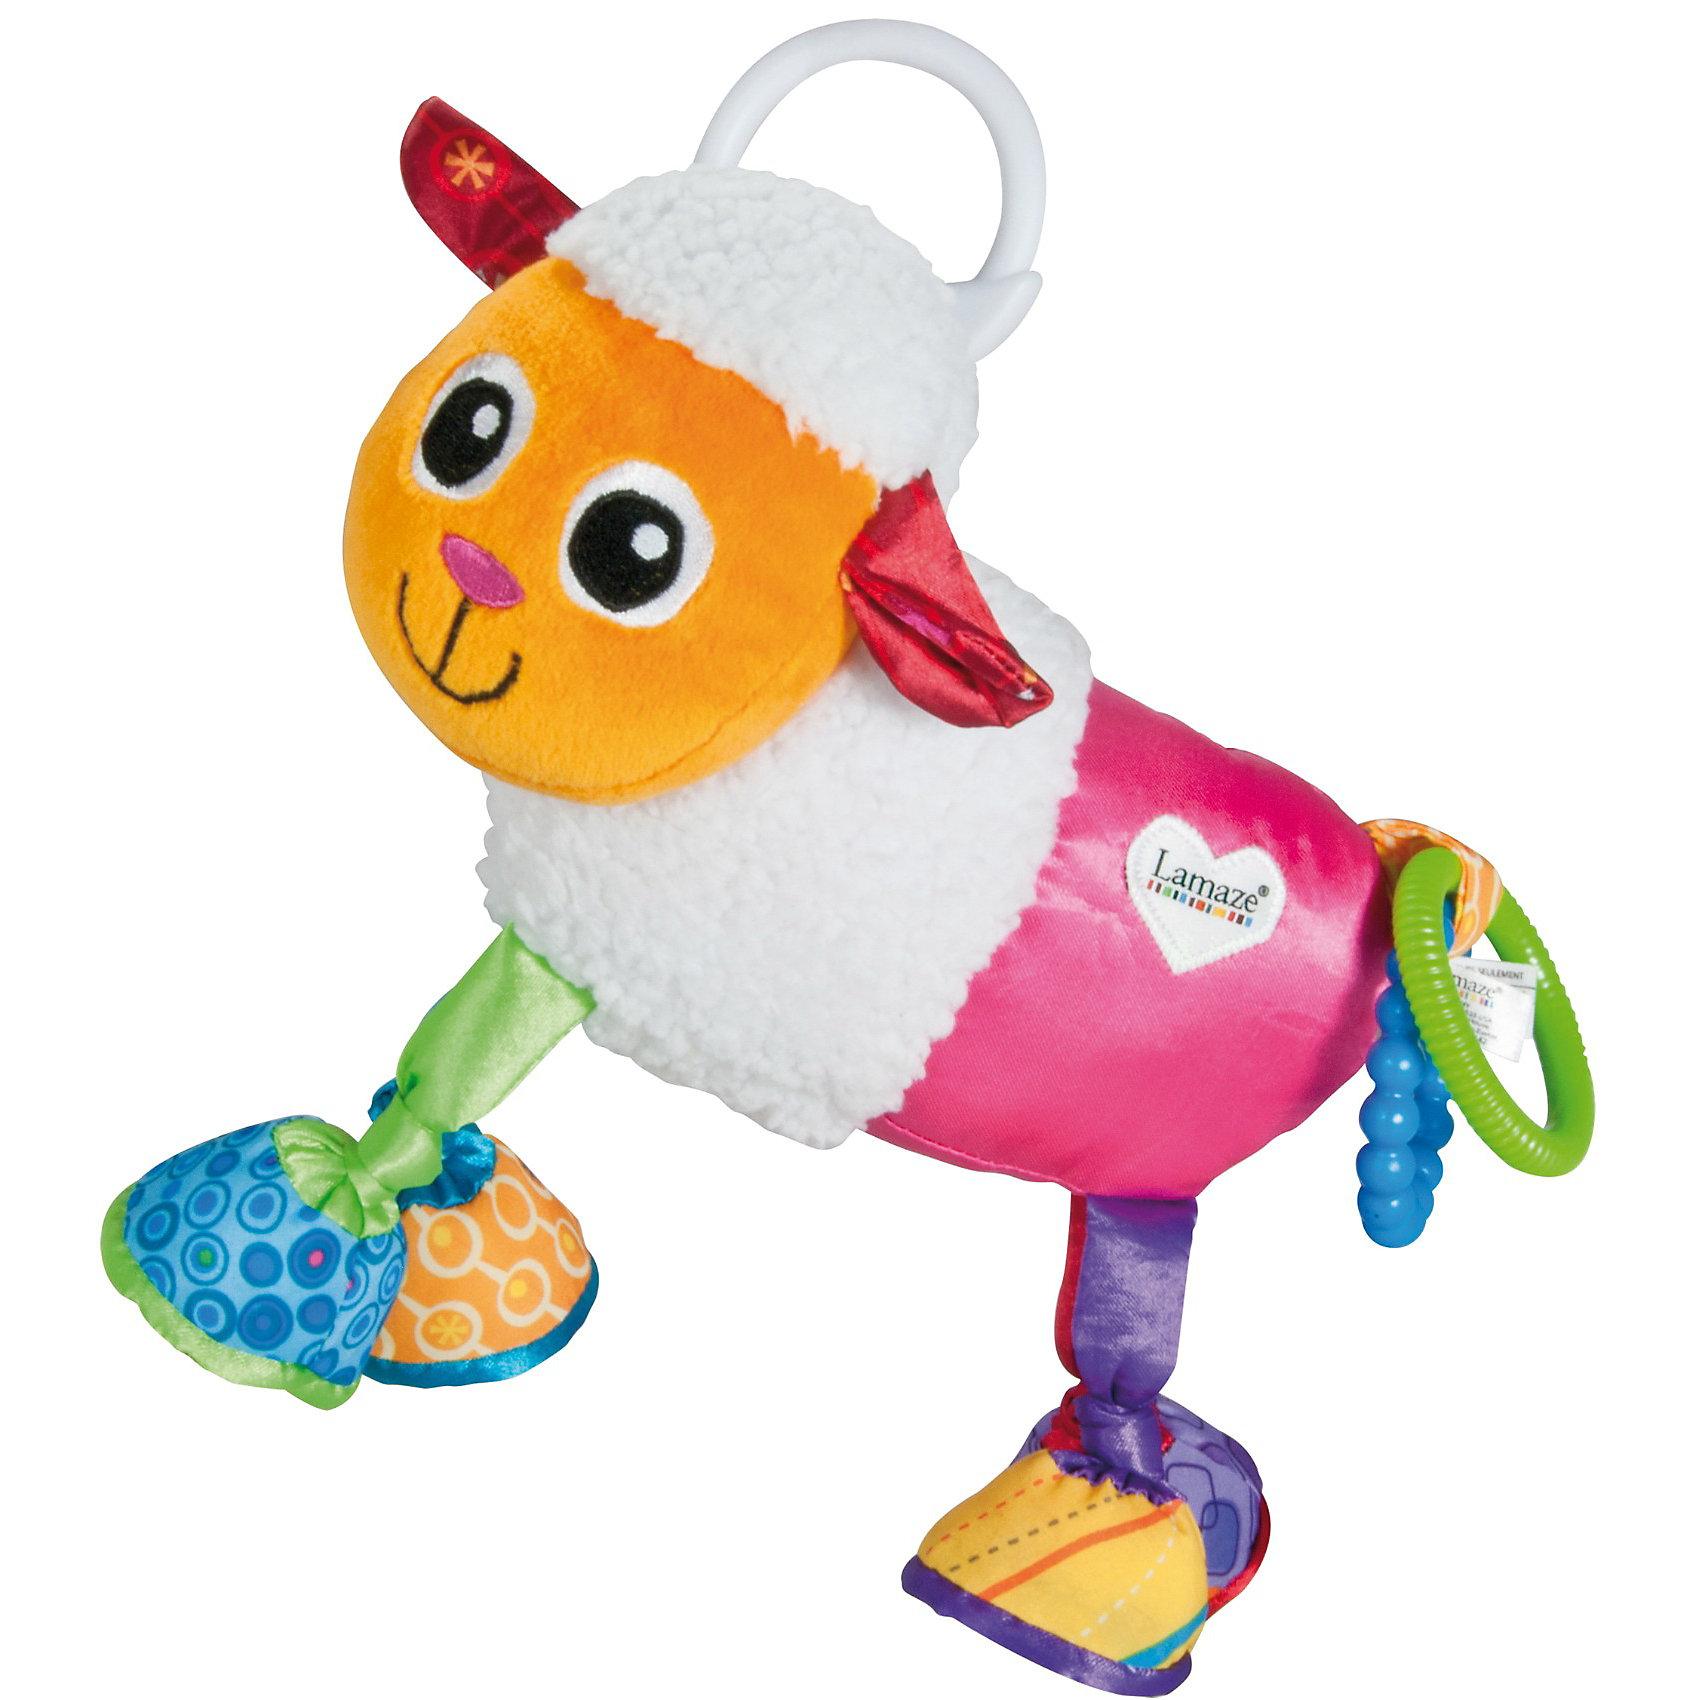 Игрушка-подвеска  Овечка Шереми, LamazeПодвески<br>Игрушка-подвеска Овечка Шереми, Lamaze - замечательная красочная игрушка, которая обязательно привлечет внимание Вашего малыша. Игрушка выполнена в виде симпатичной овечки с мягкими копытцами, легко крепится к детской кроватке, коляске или автокреслу. У игрушки множество разноцветных деталей из мягких материалов различной фактуры, что способствует развитию тактильного и цветового восприятия, тренирует мелкую моторику ребенка. Овечка пищит, гремит и шуршит, к хвостику прикреплена погремушка.<br><br>Дополнительная информация:<br><br>- Материал: текстиль.<br>- Размер: 21,8 x 14,2 x 10,4 см.<br>- Вес: 141 гр.<br><br>Игрушку-подвес Овечка Шереми, Lamaze, можно купить в нашем интернет-магазине.<br><br>Ширина мм: 190<br>Глубина мм: 220<br>Высота мм: 90<br>Вес г: 127<br>Возраст от месяцев: 0<br>Возраст до месяцев: 18<br>Пол: Унисекс<br>Возраст: Детский<br>SKU: 3128225